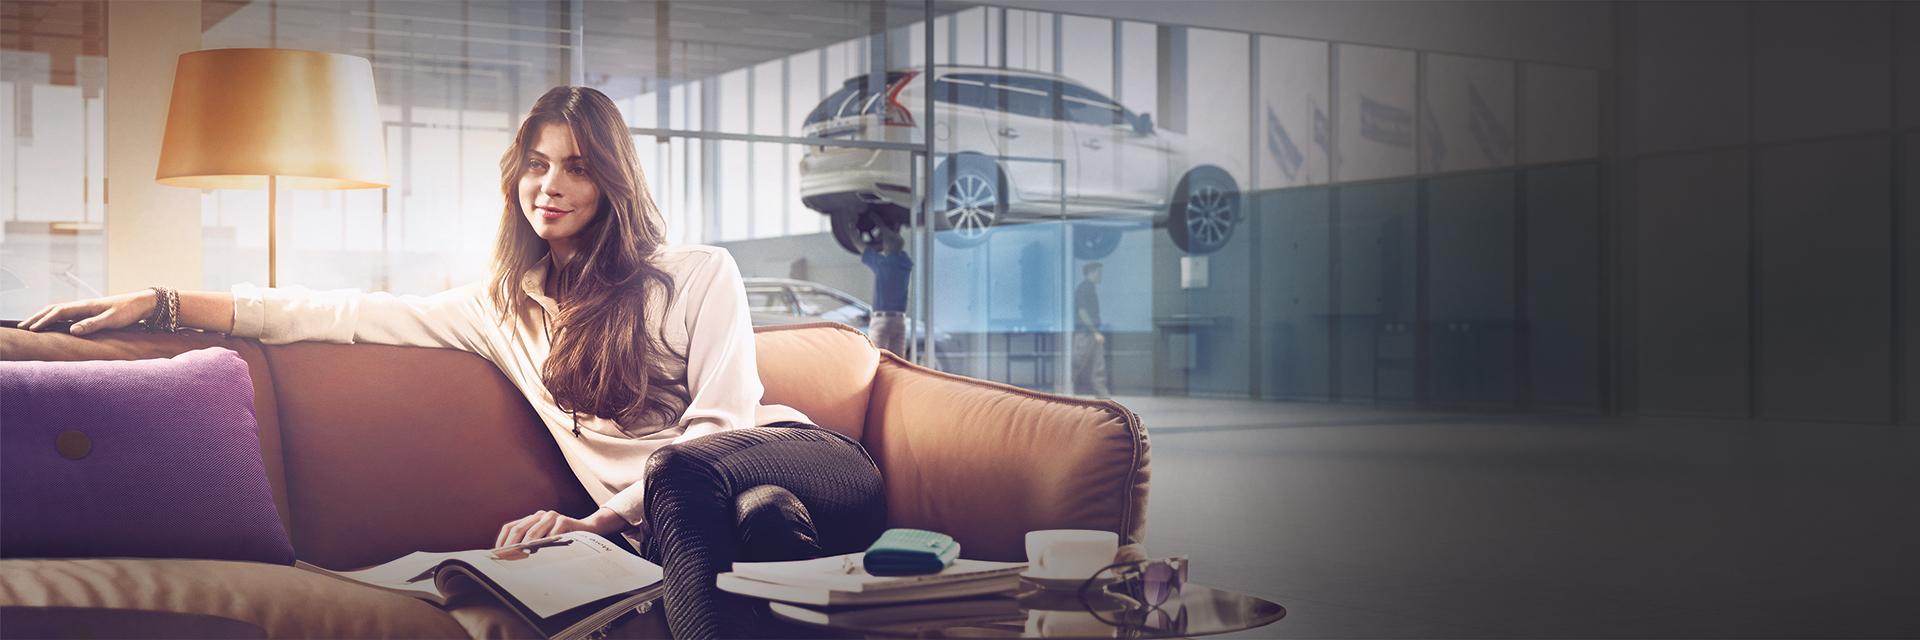 Volvo-merkkihuolto Käyttöautossa